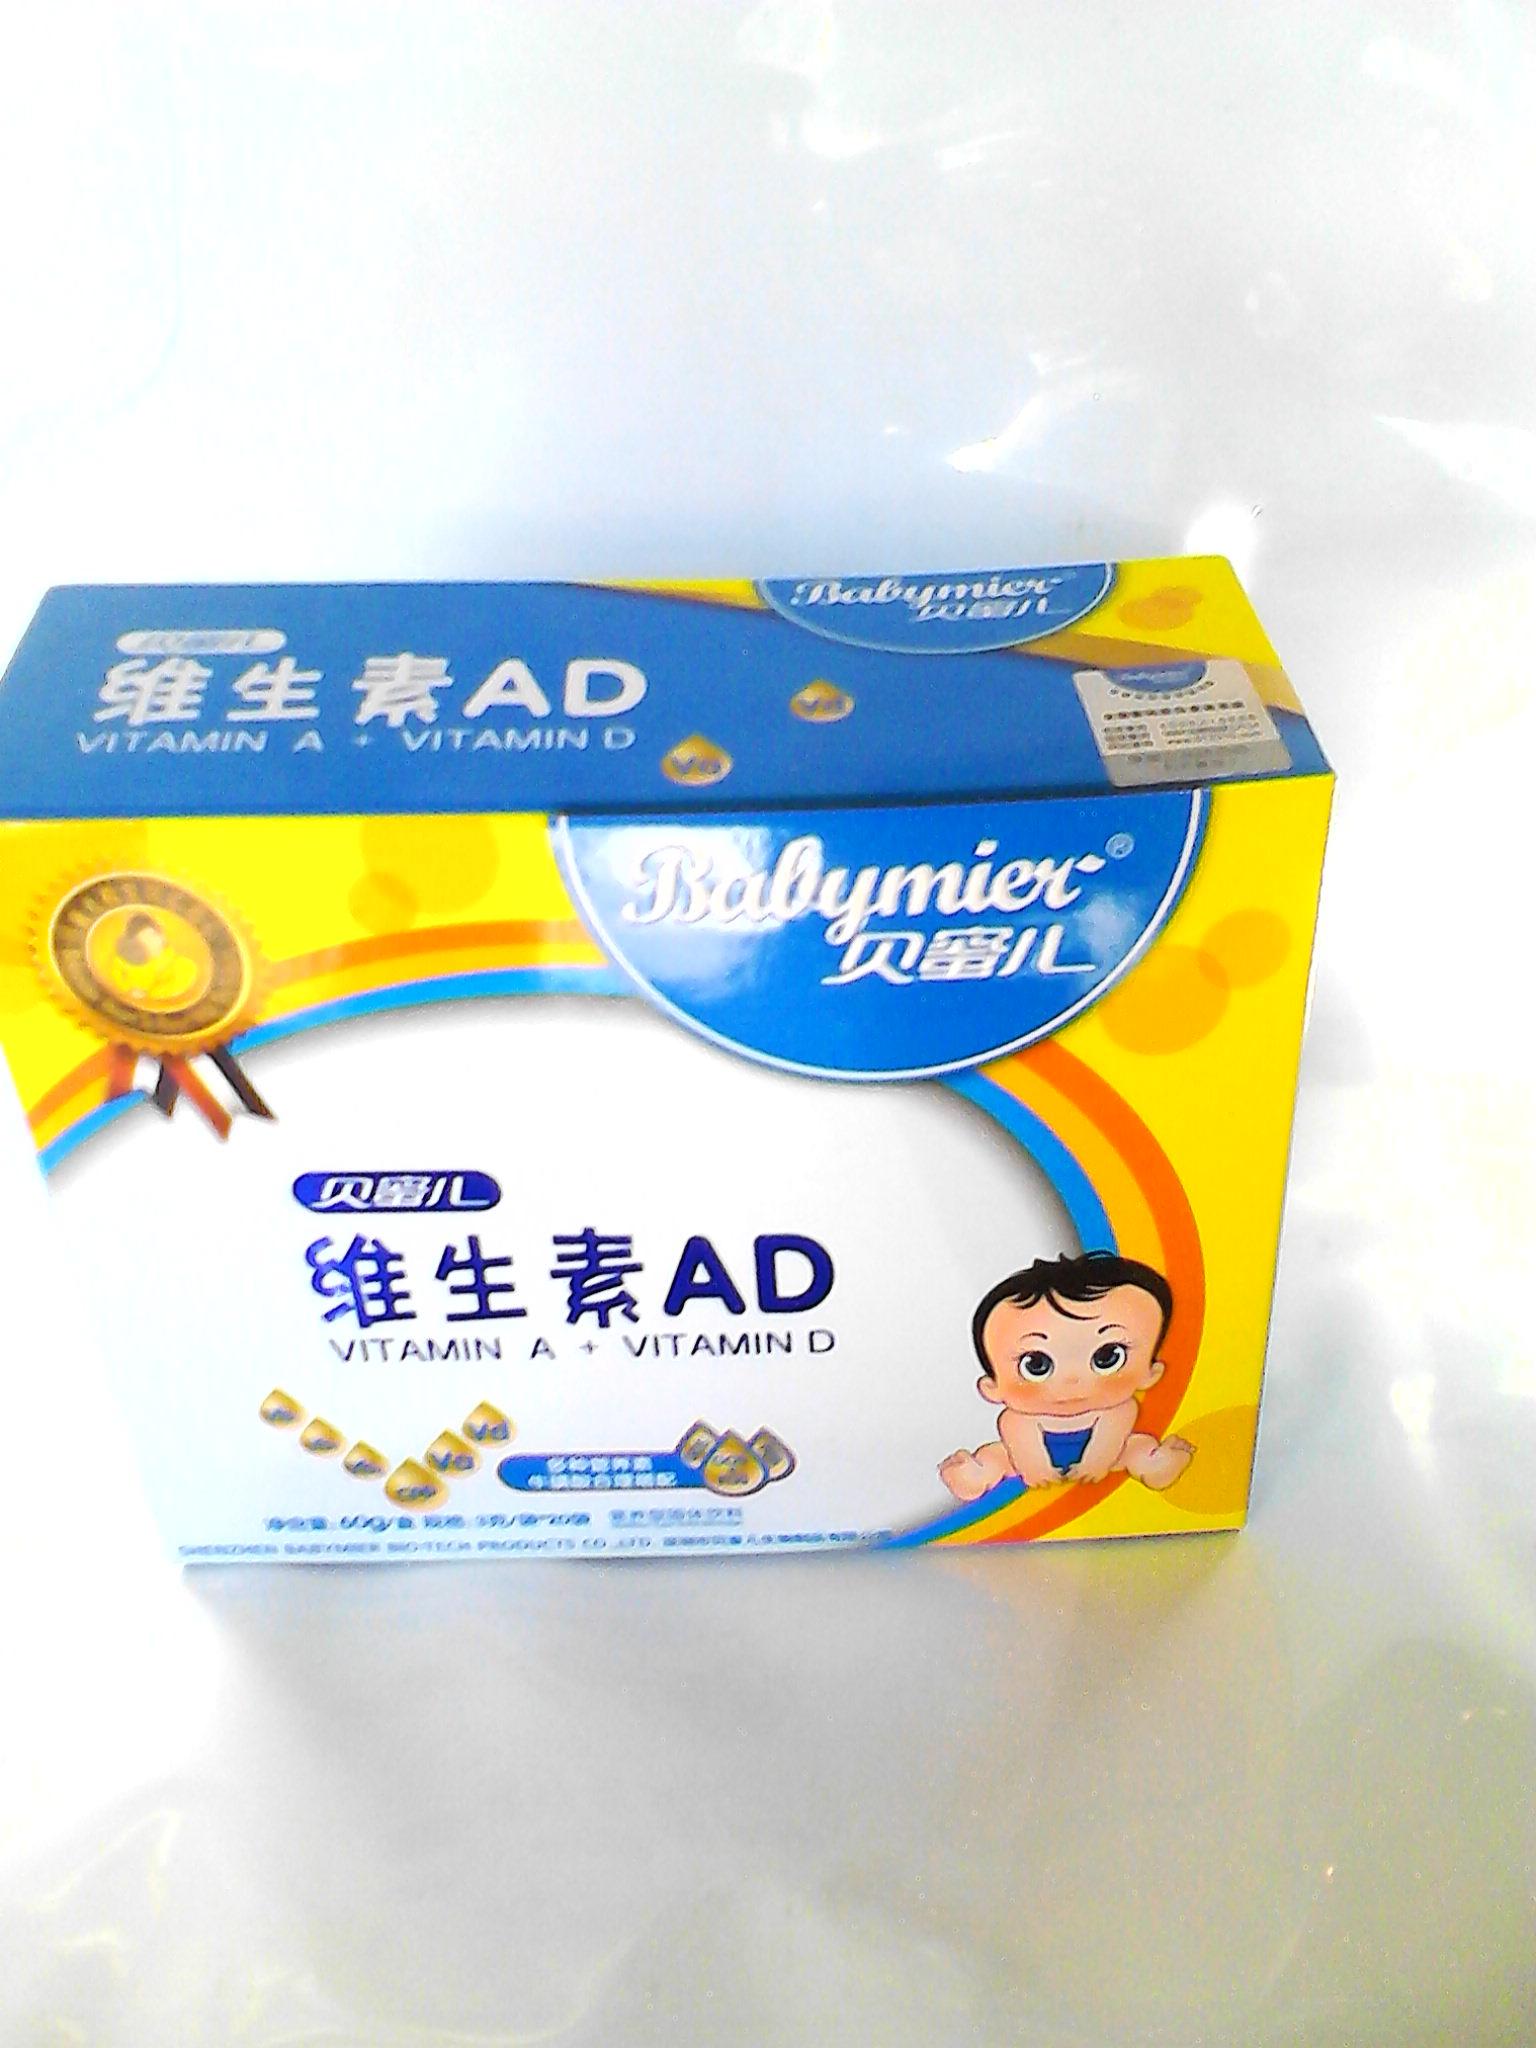 贝蜜儿维生素AD多种营养素牛黄酸合理搭配